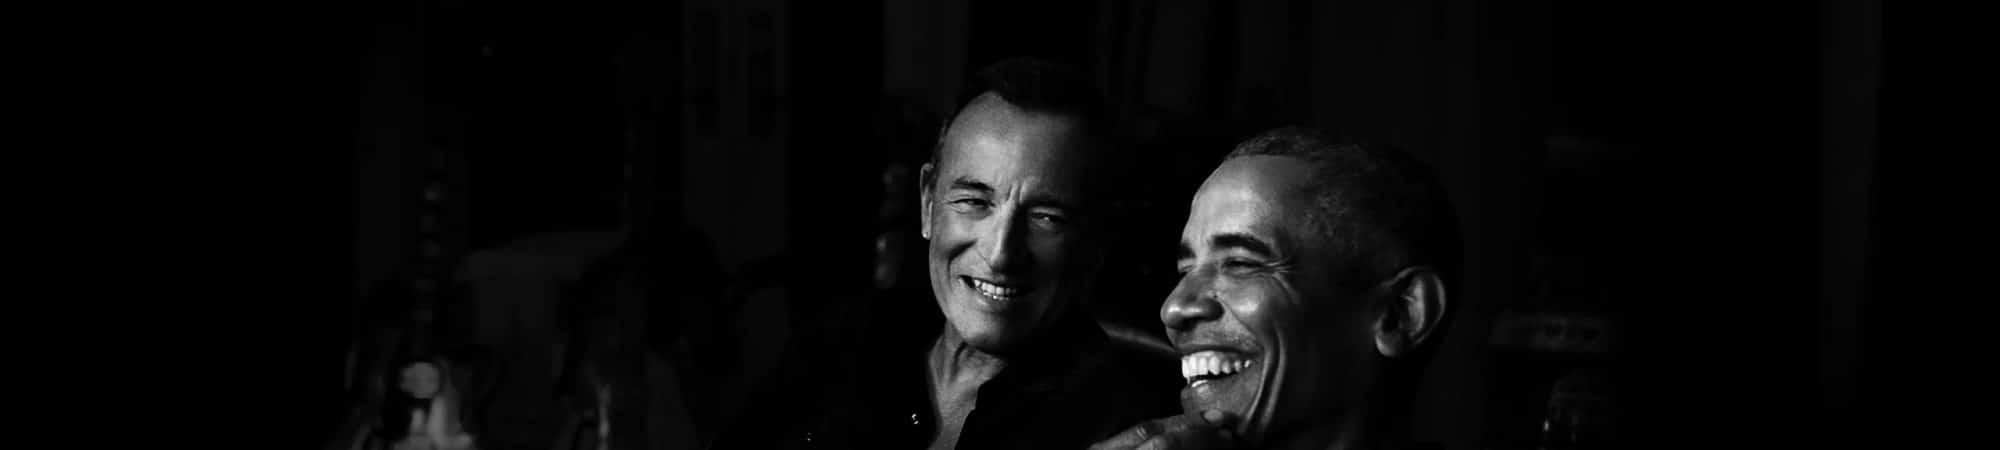 Barack Obama e Bruce Springsteen aparecem sorrindo, em uma foto preto-e-branco com o fundo bem escuro